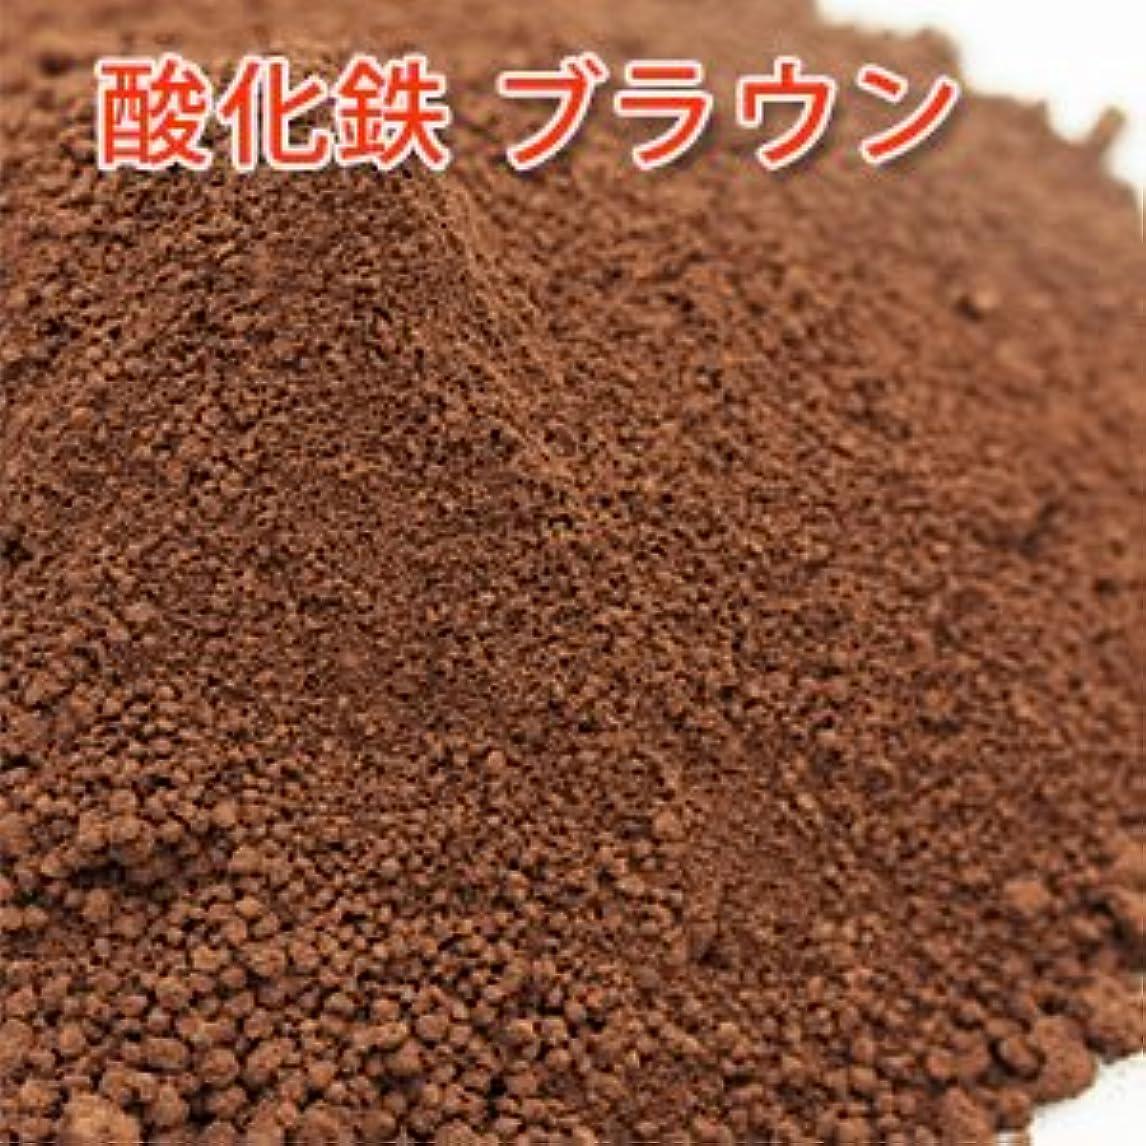 安西ぐったりヘッドレス酸化鉄 ブラウン 5g 【手作り石鹸/手作りコスメ/色付け/カラーラント/茶】